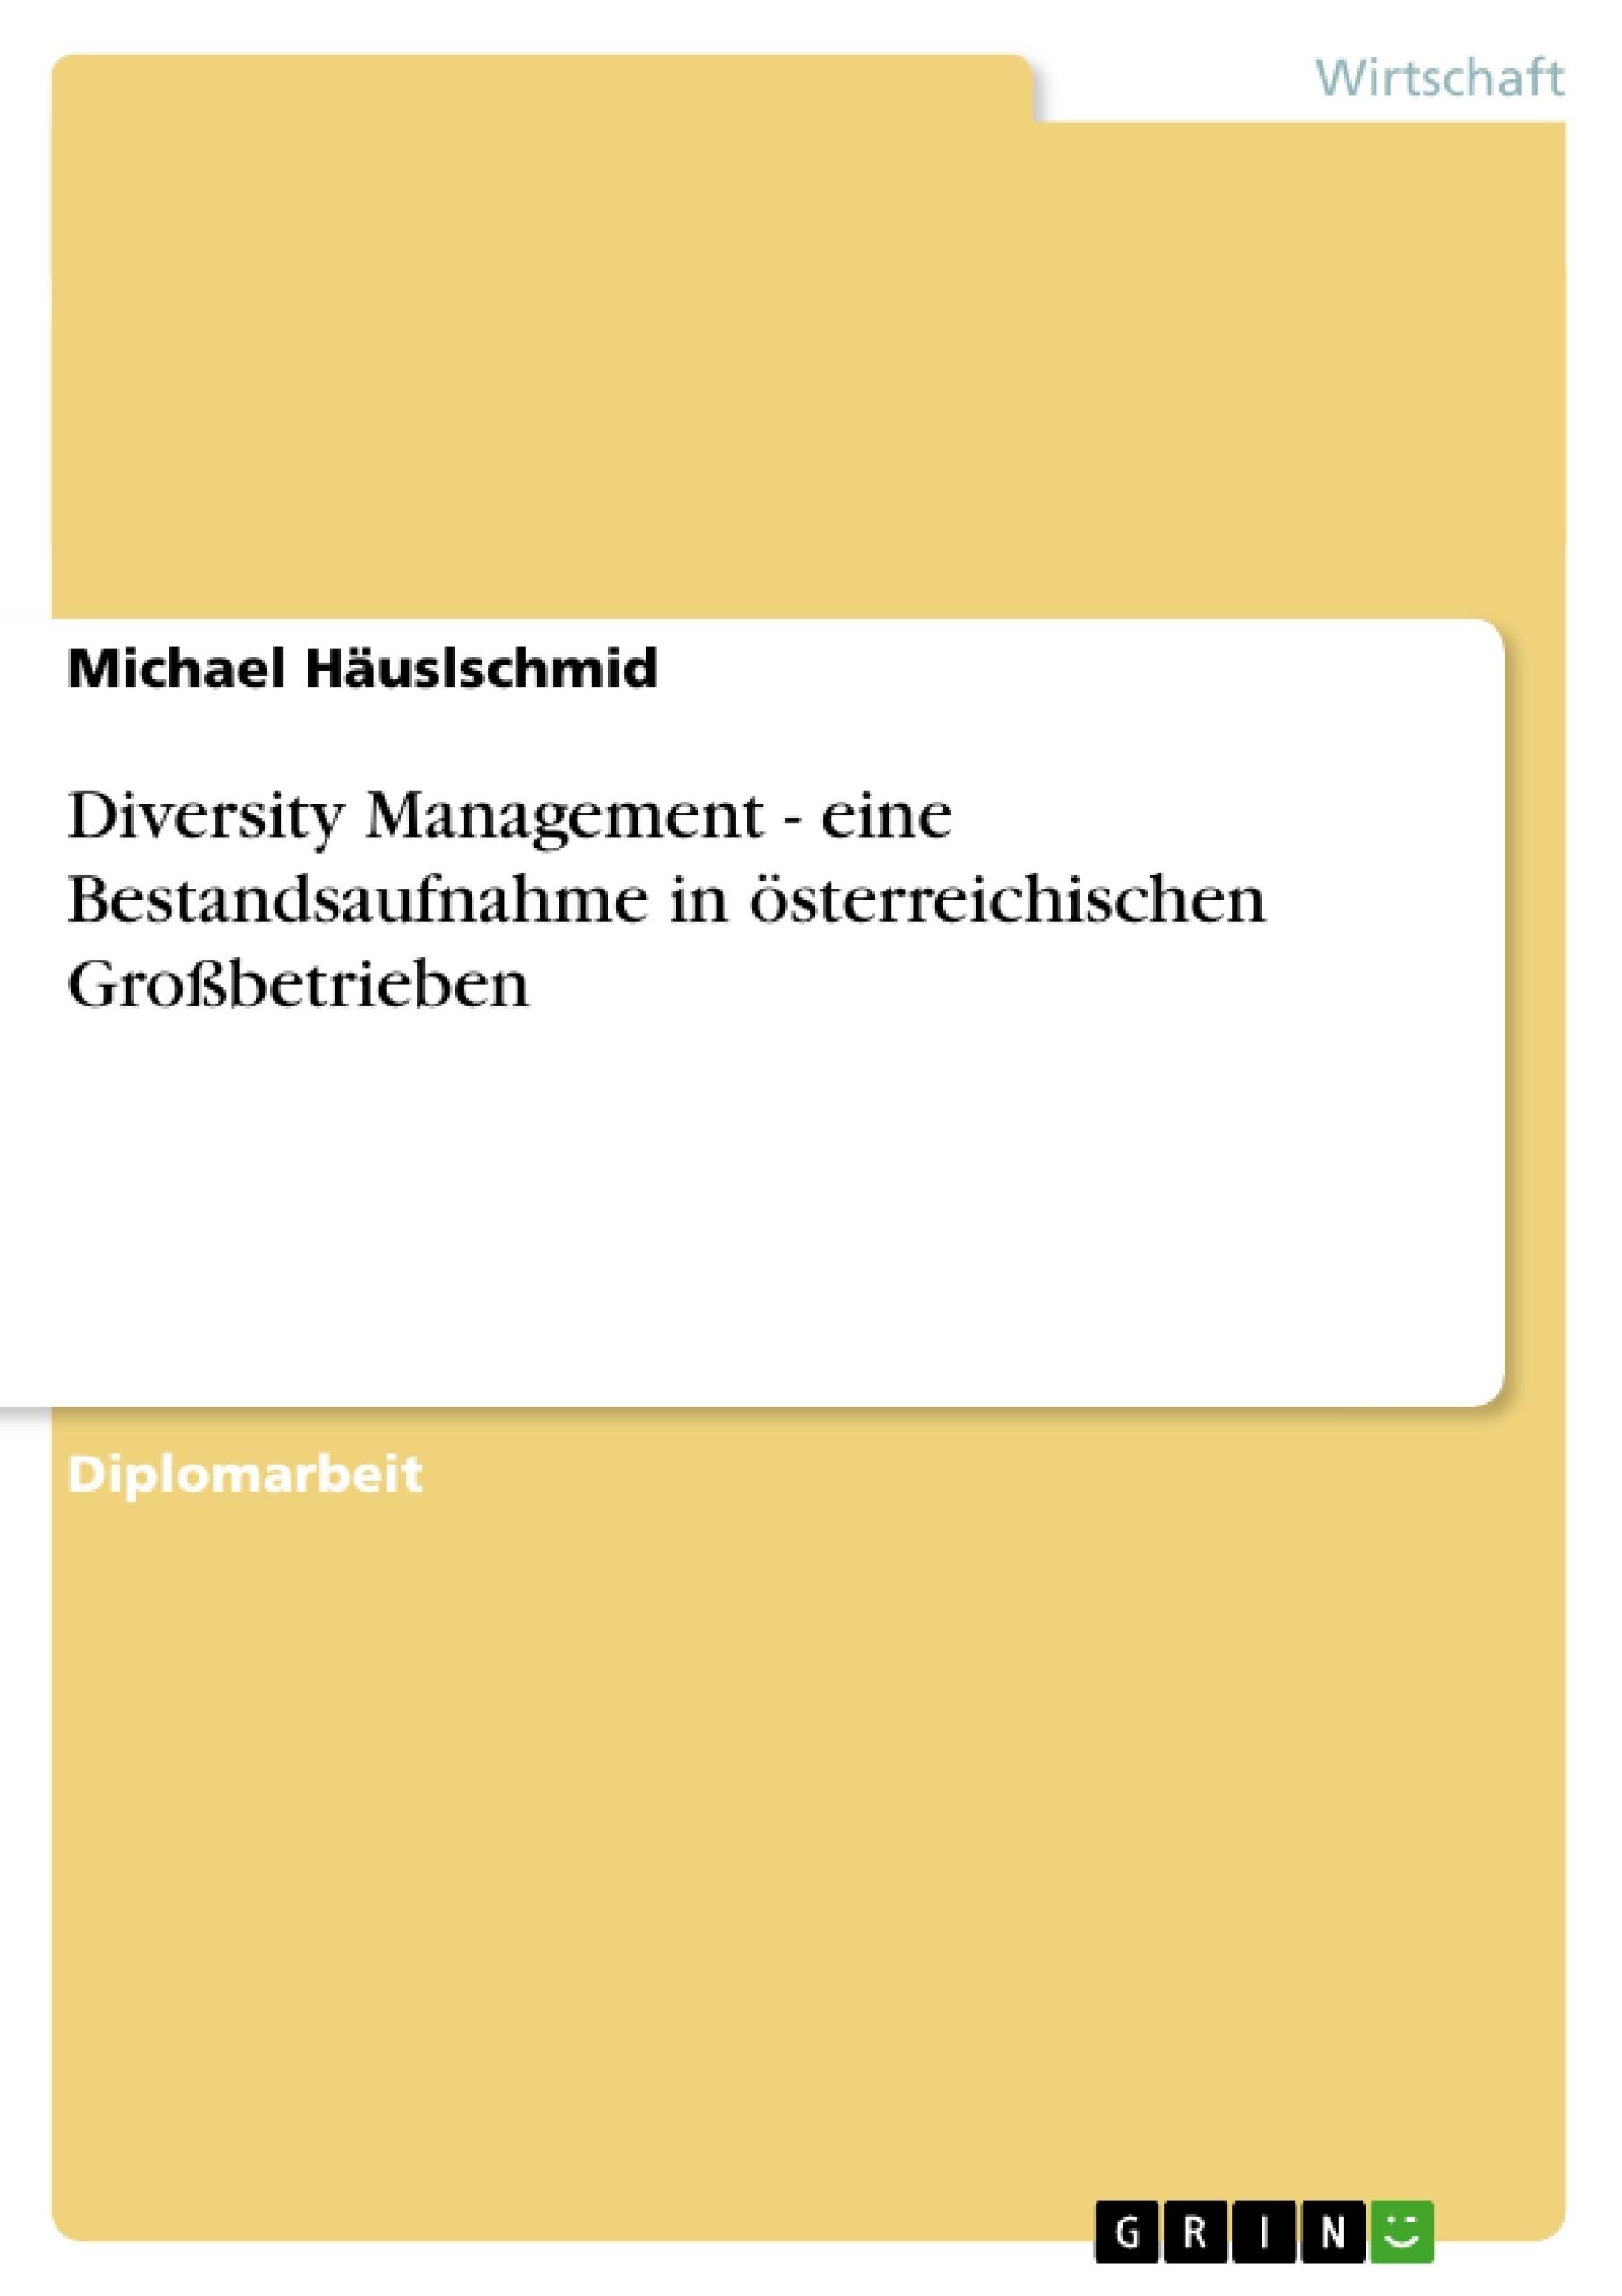 Titel: Diversity Management - eine Bestandsaufnahme in österreichischen Großbetrieben